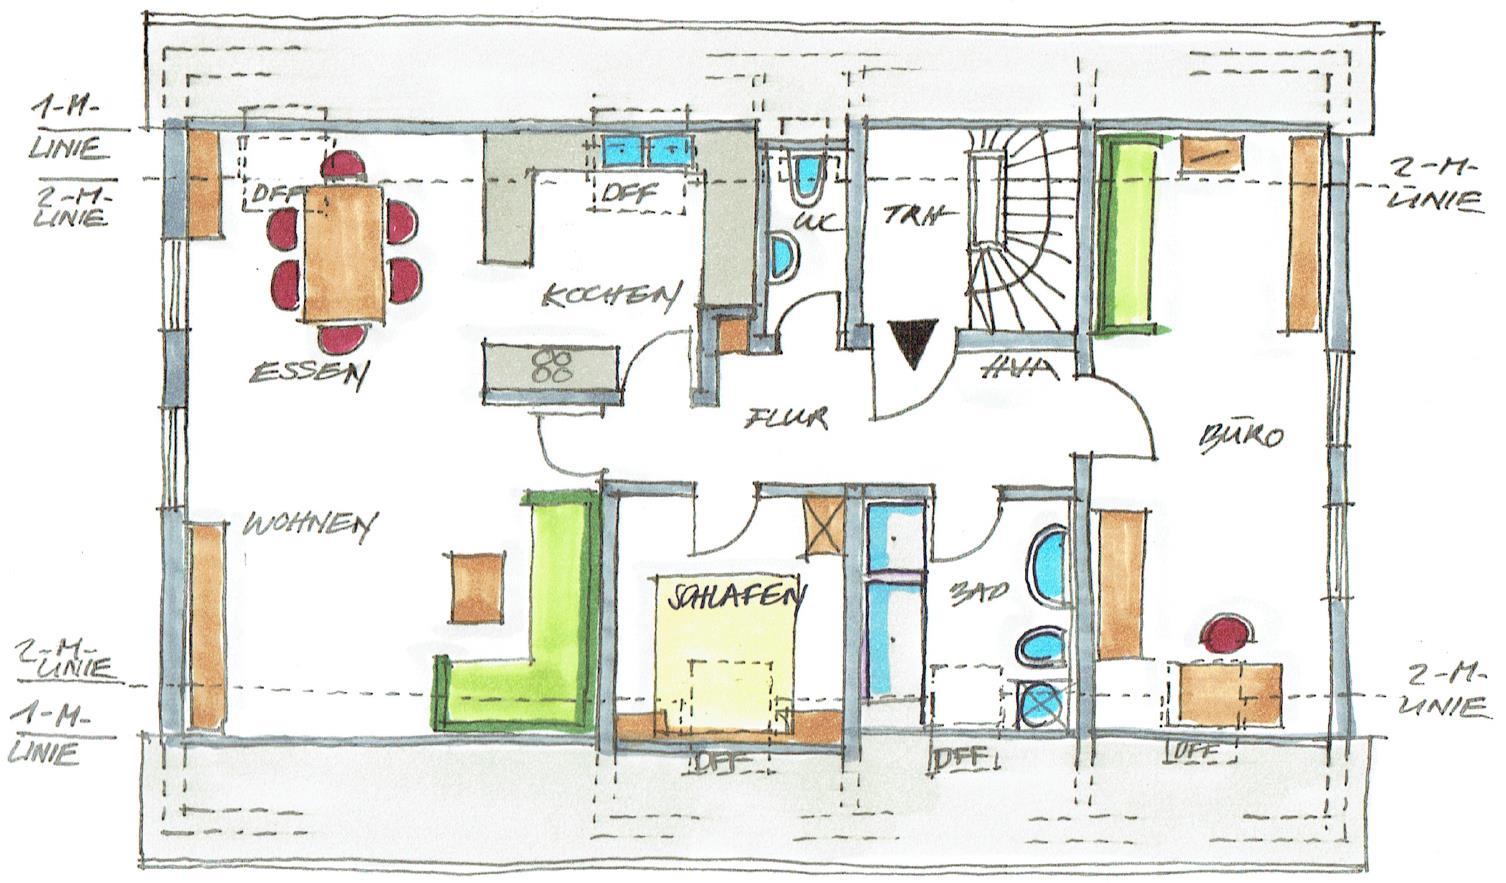 nebenkosten wohnung pro qm wohnung streichen kosten pro. Black Bedroom Furniture Sets. Home Design Ideas